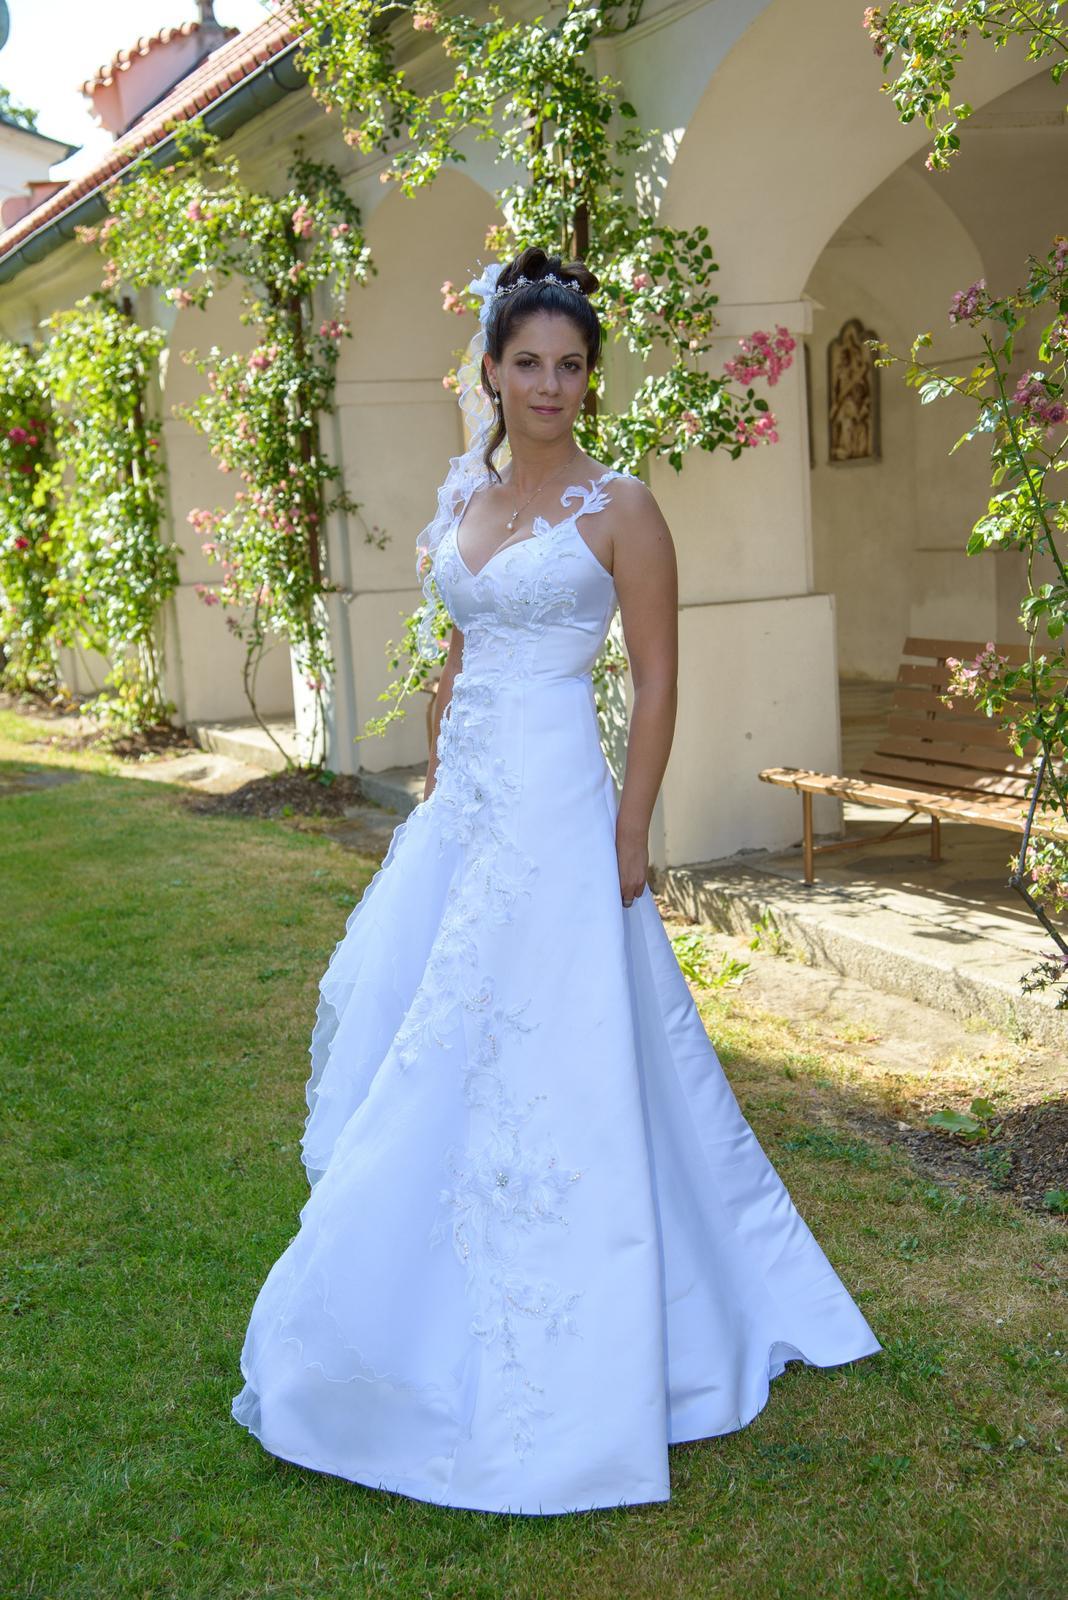 841b555bd2f Luxusní svatební šaty s 3d aplikacemi - půjčení